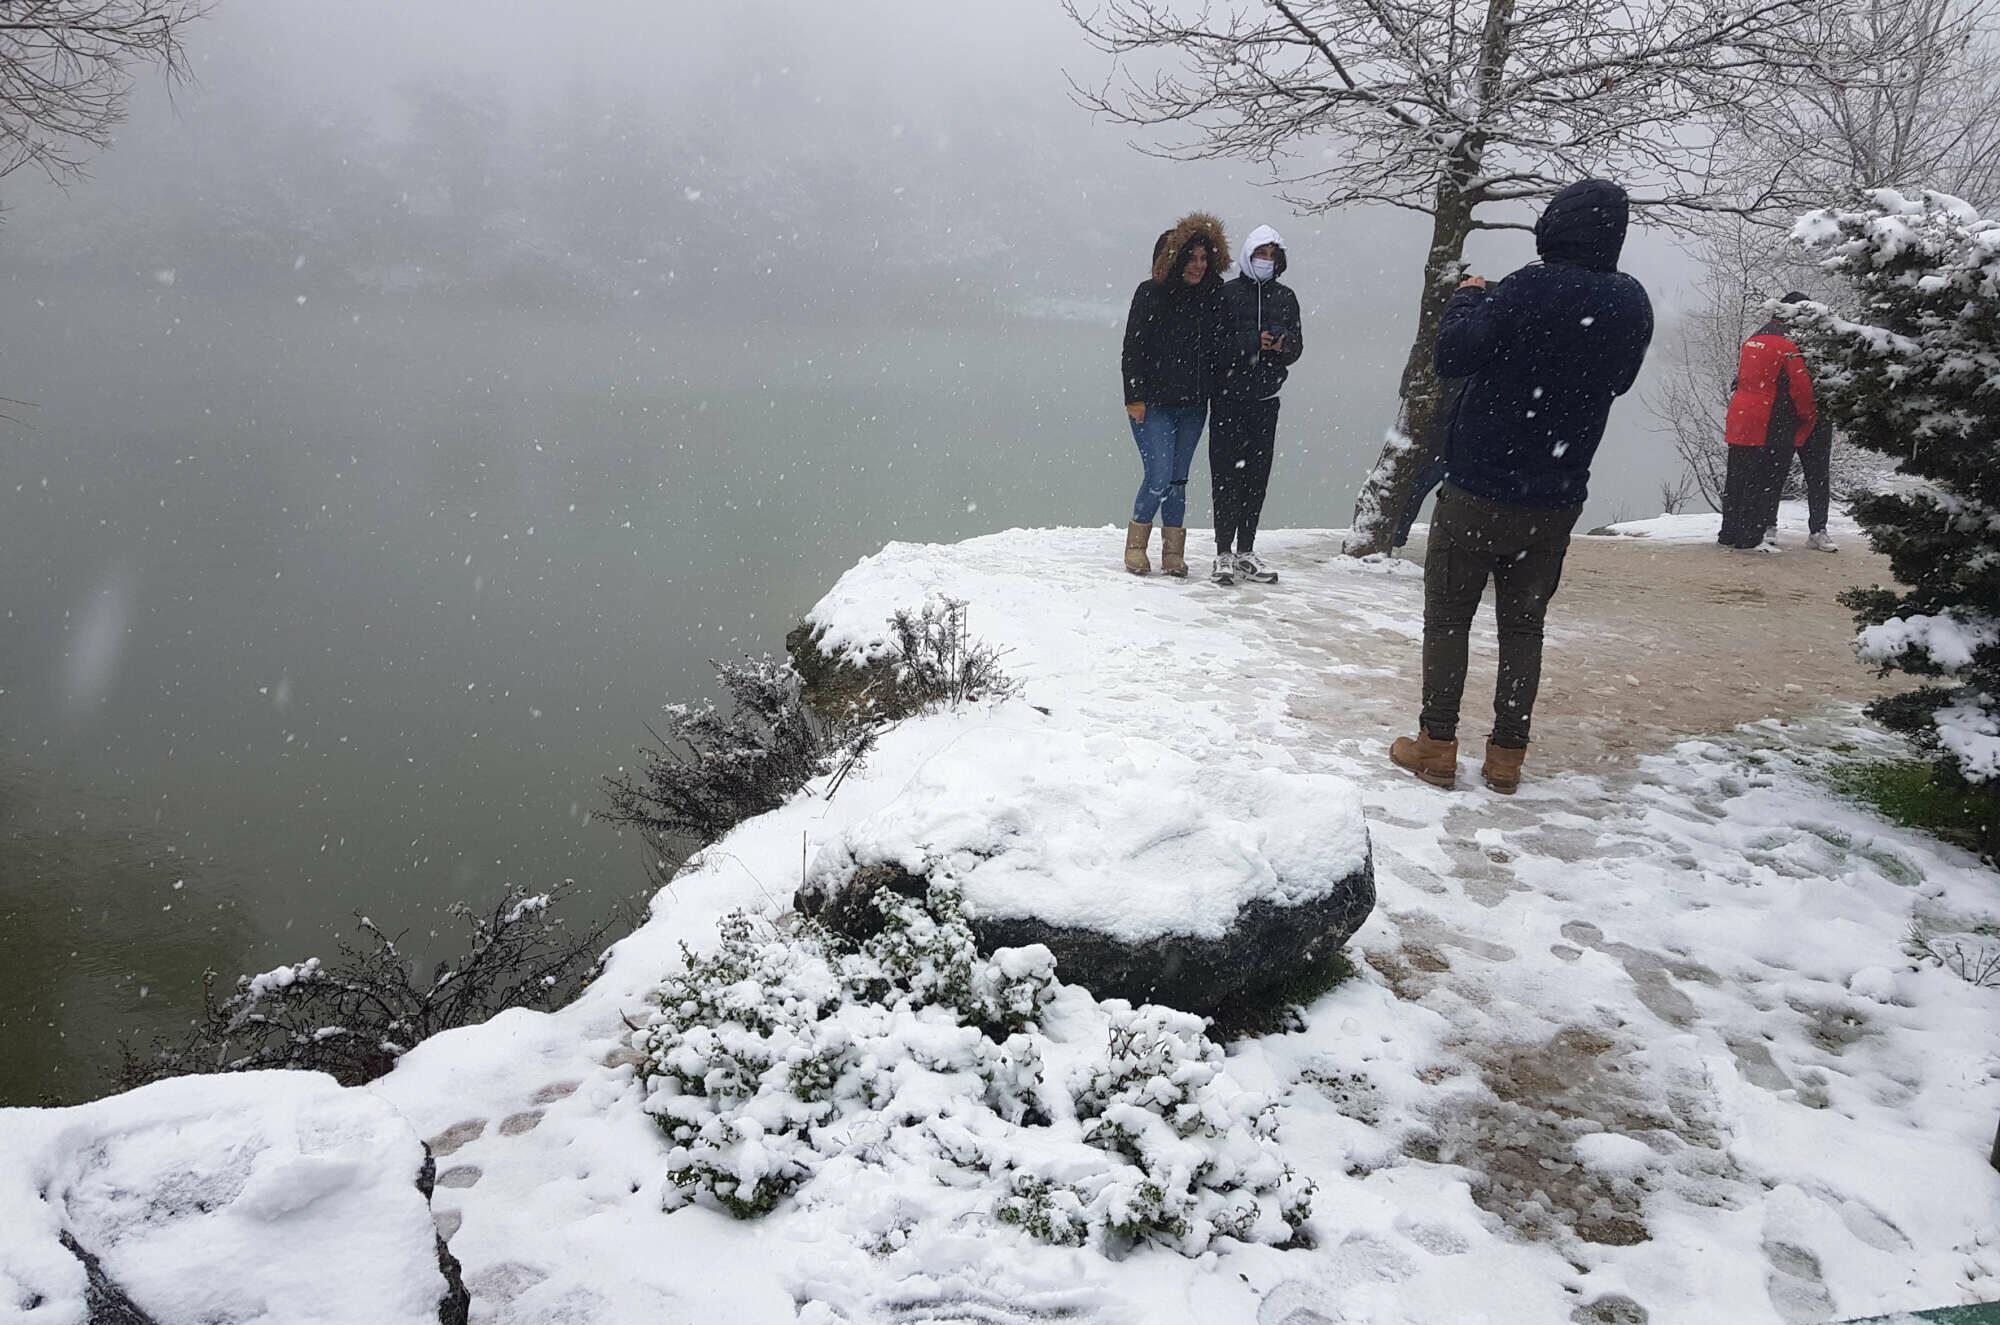 Μια φωτογραφία για τα social media επιβάλλεται. Λίμνη Μπελέτσι, Ιπποκράτειος Πολιτεία